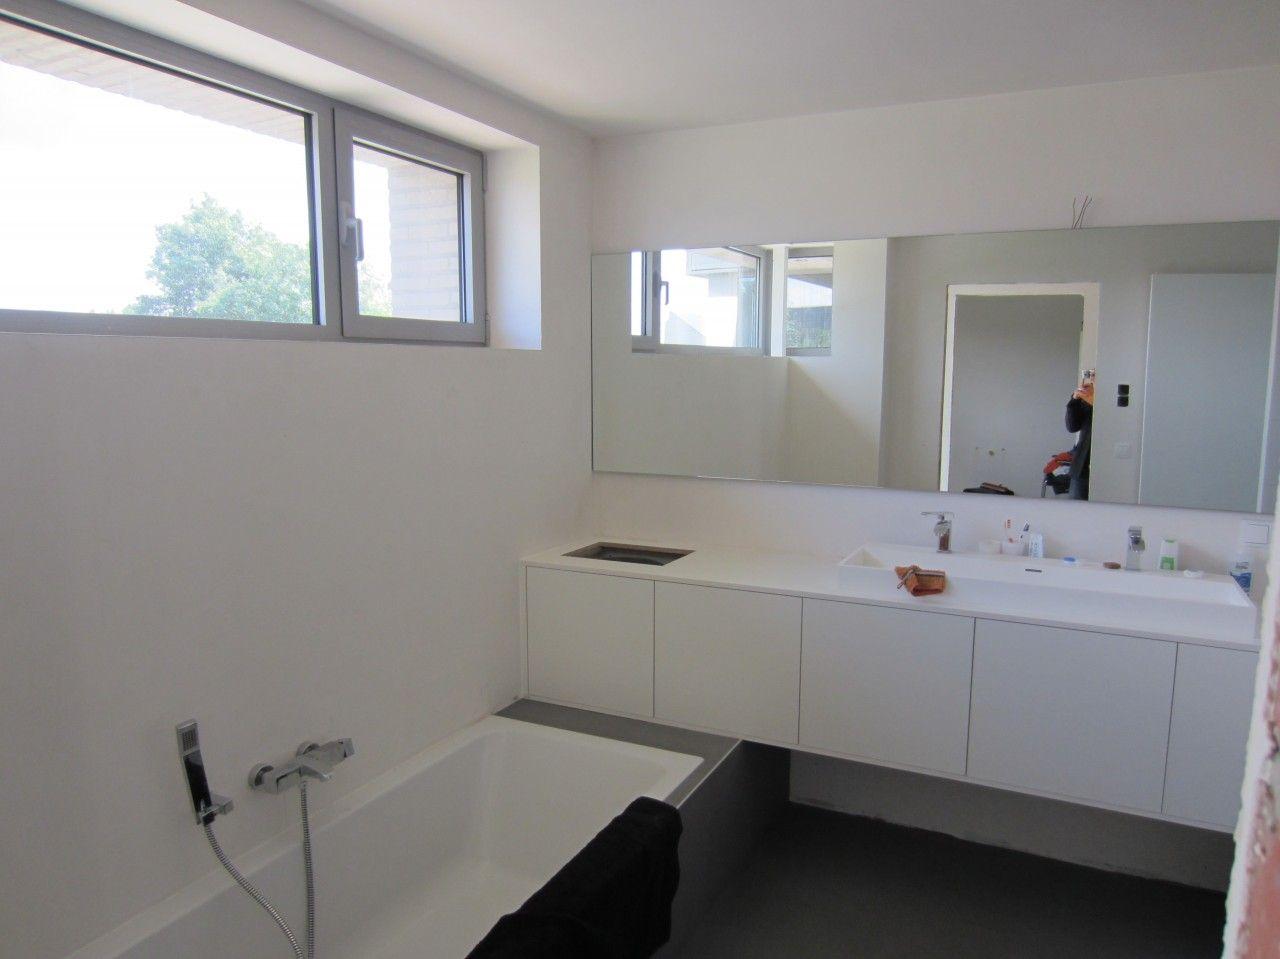 Badezimmerspiegel Bauhaus ~ Linnenkoker mooi weggewerkt binnenafwerking pinterest